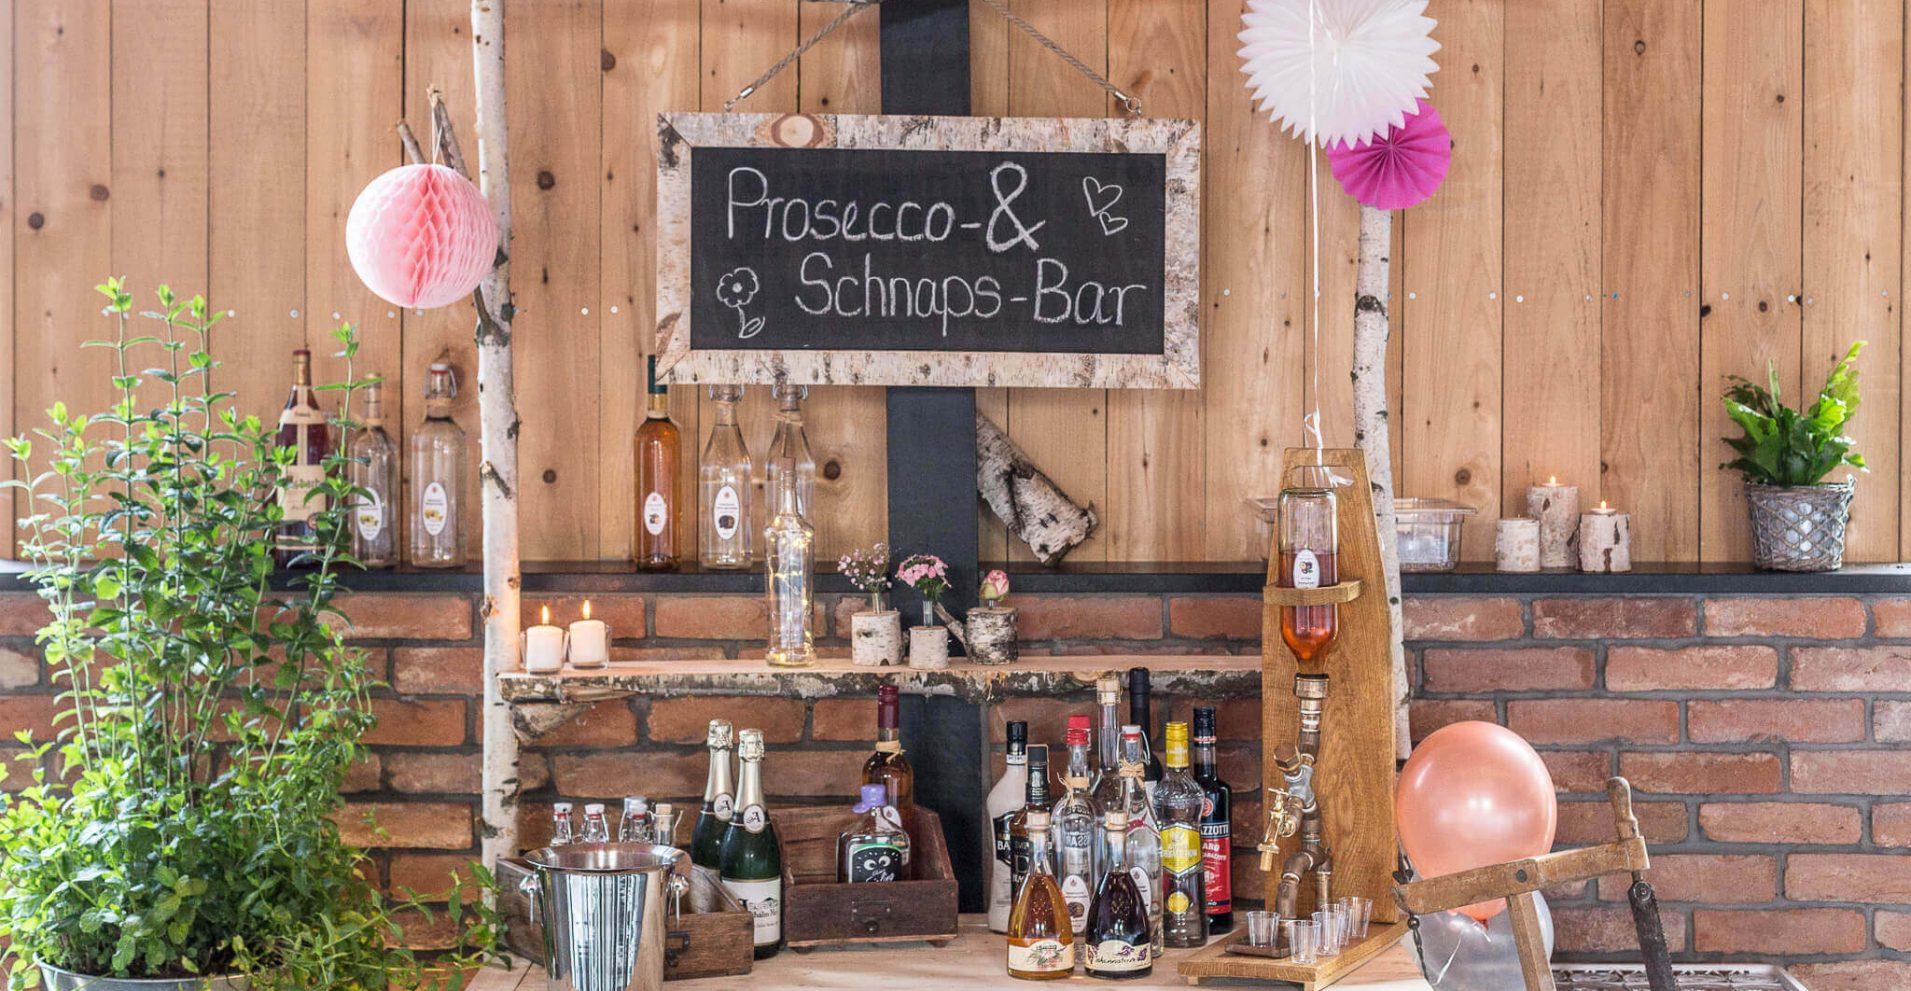 Prosecco & Schnaps-Bar in der Festscheune